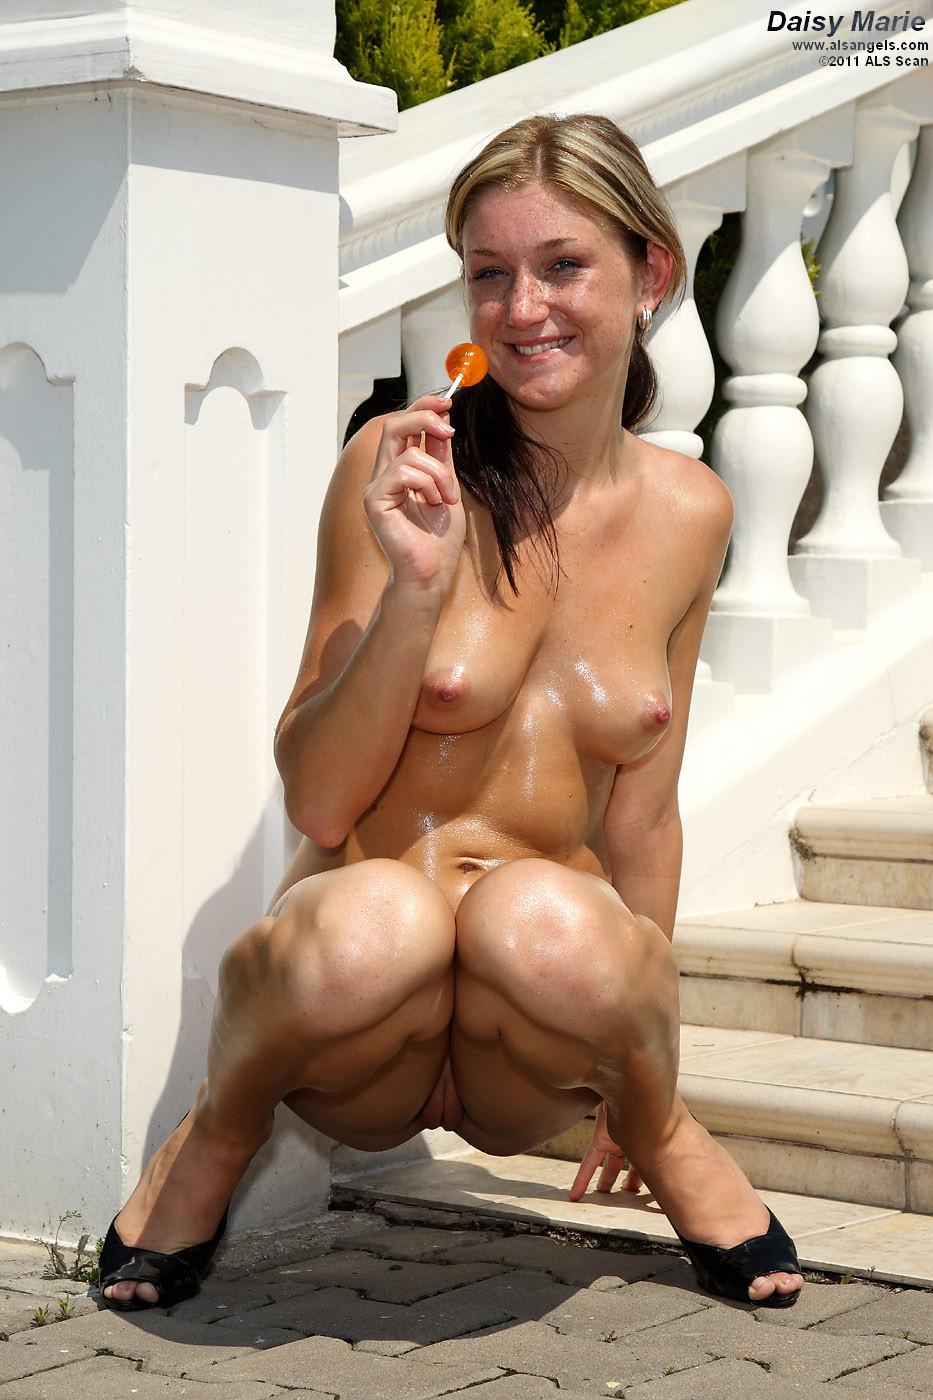 Секс с дэйзи мари 10 фотография